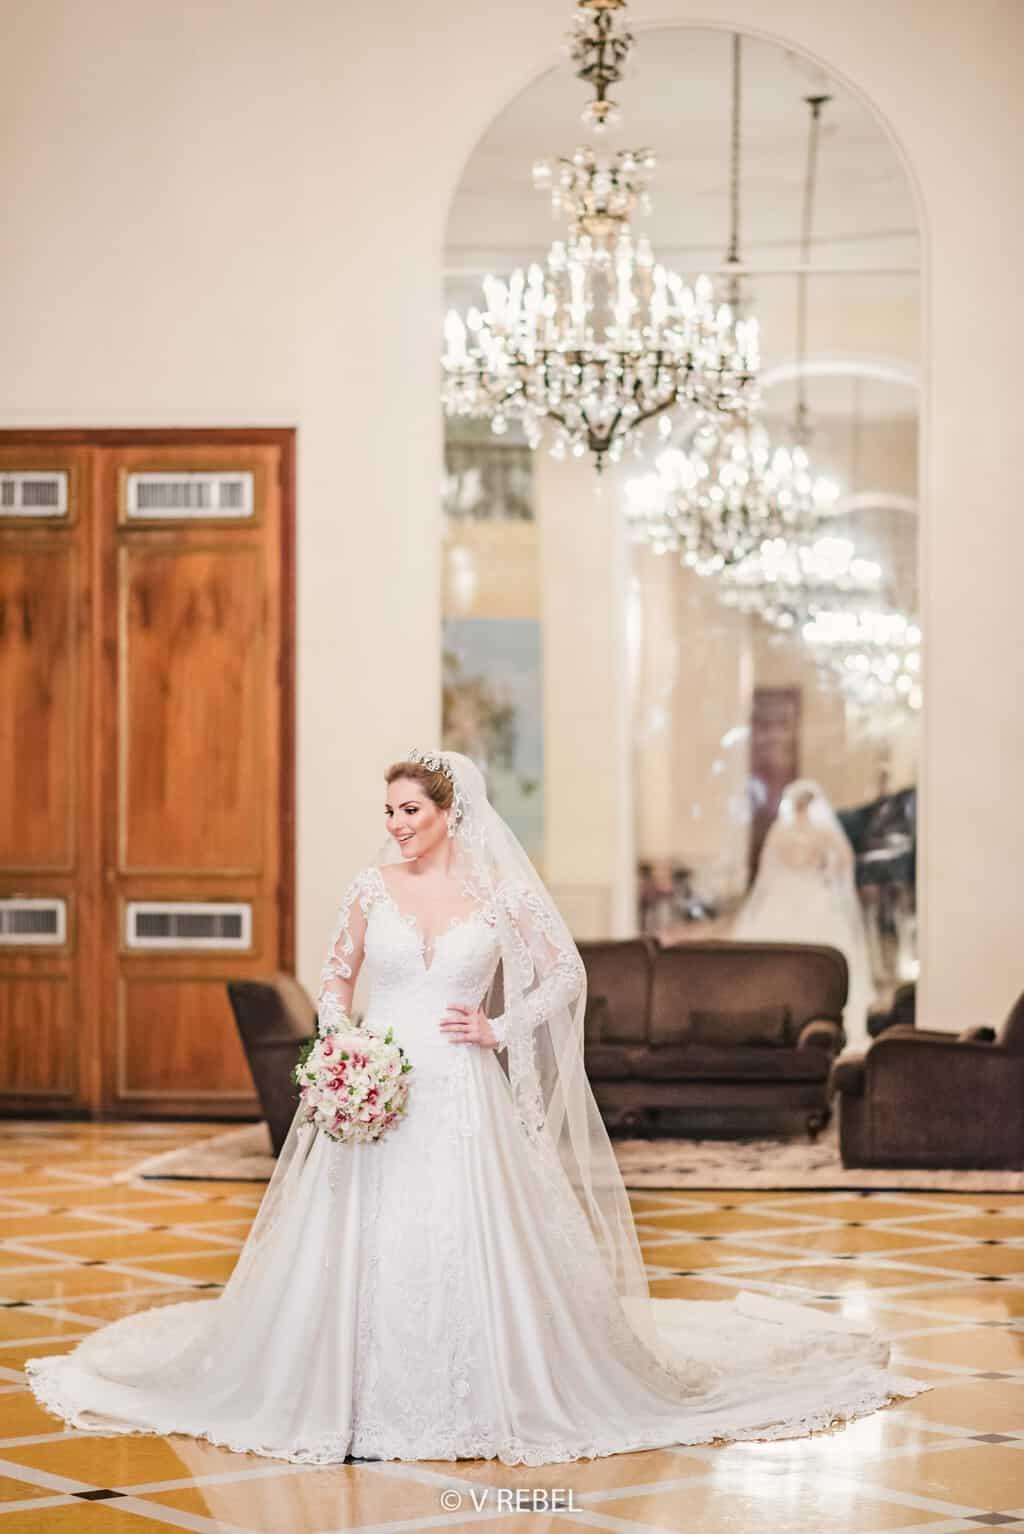 casamento-Caroline-e-Breno-casamento-clássico-fotografia-VRebel-making-of28